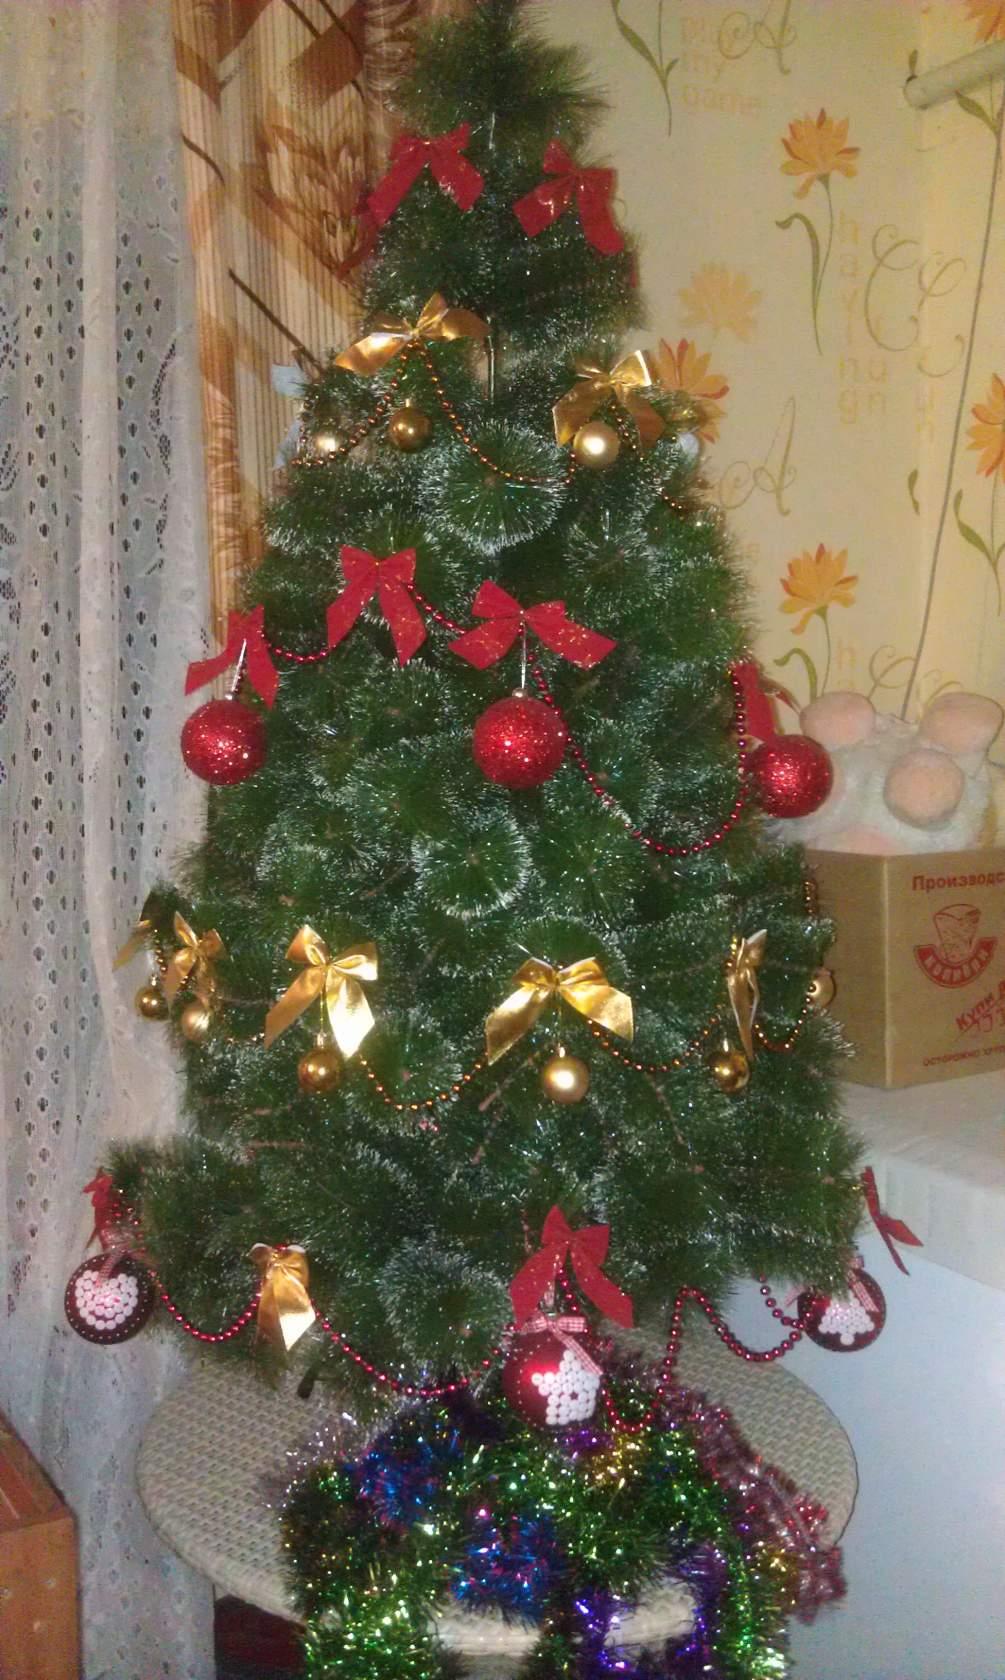 Снега еще не бы, но елочку никто не отменял!!!. Блиц: новогодняя елка